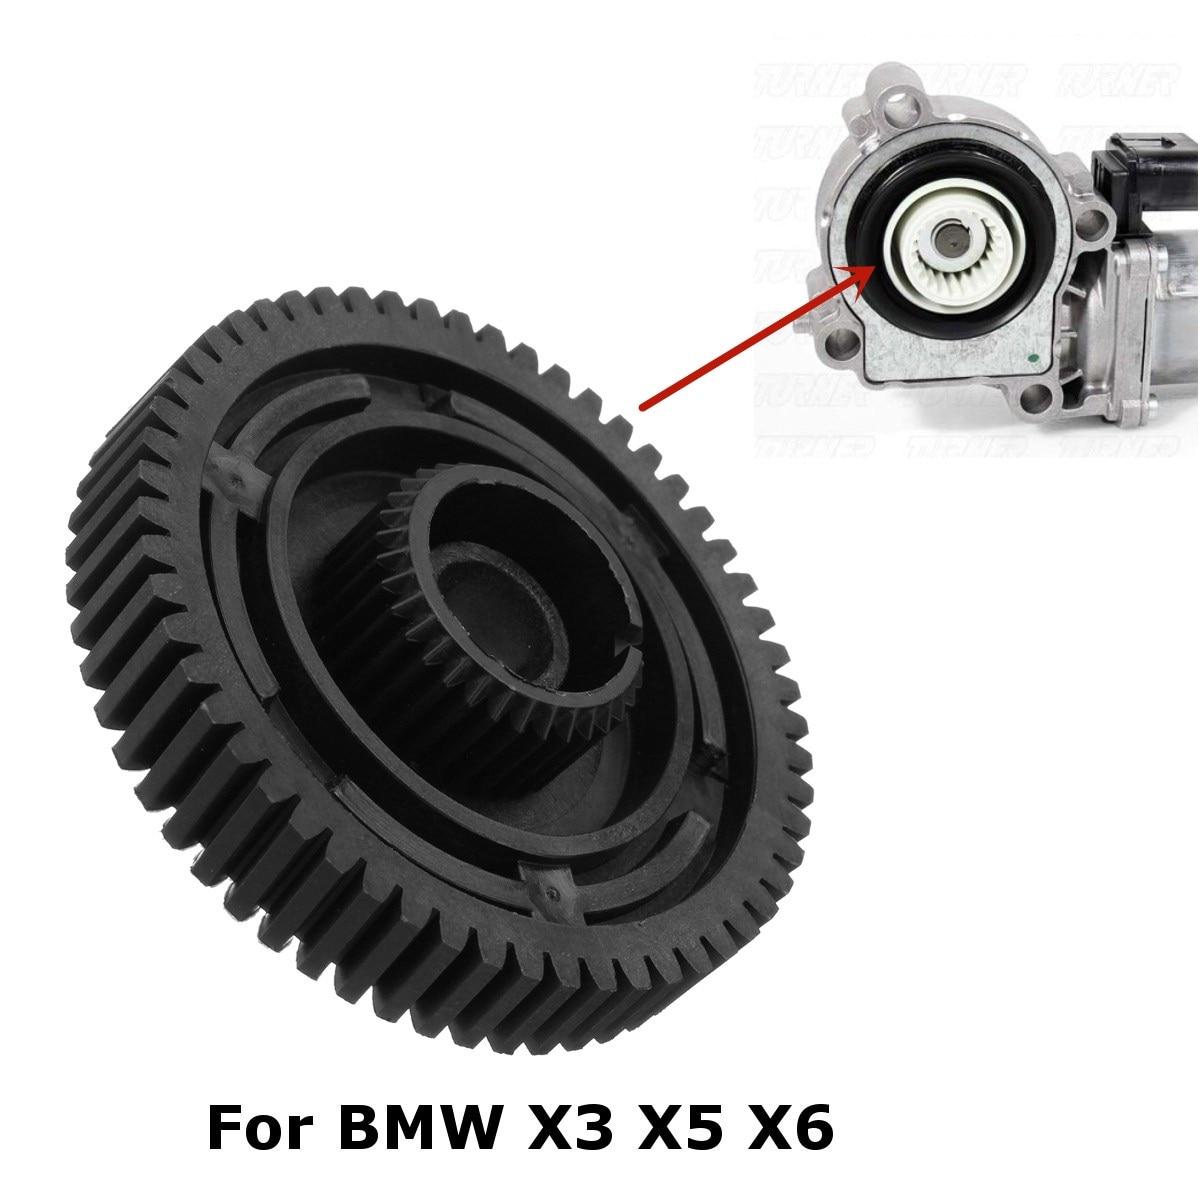 Coche caja de transferencia Motor actuador reparación caja de engranajes servo para BMW X3 X5 X6 E83 E53 E70 27107566296 8473227771